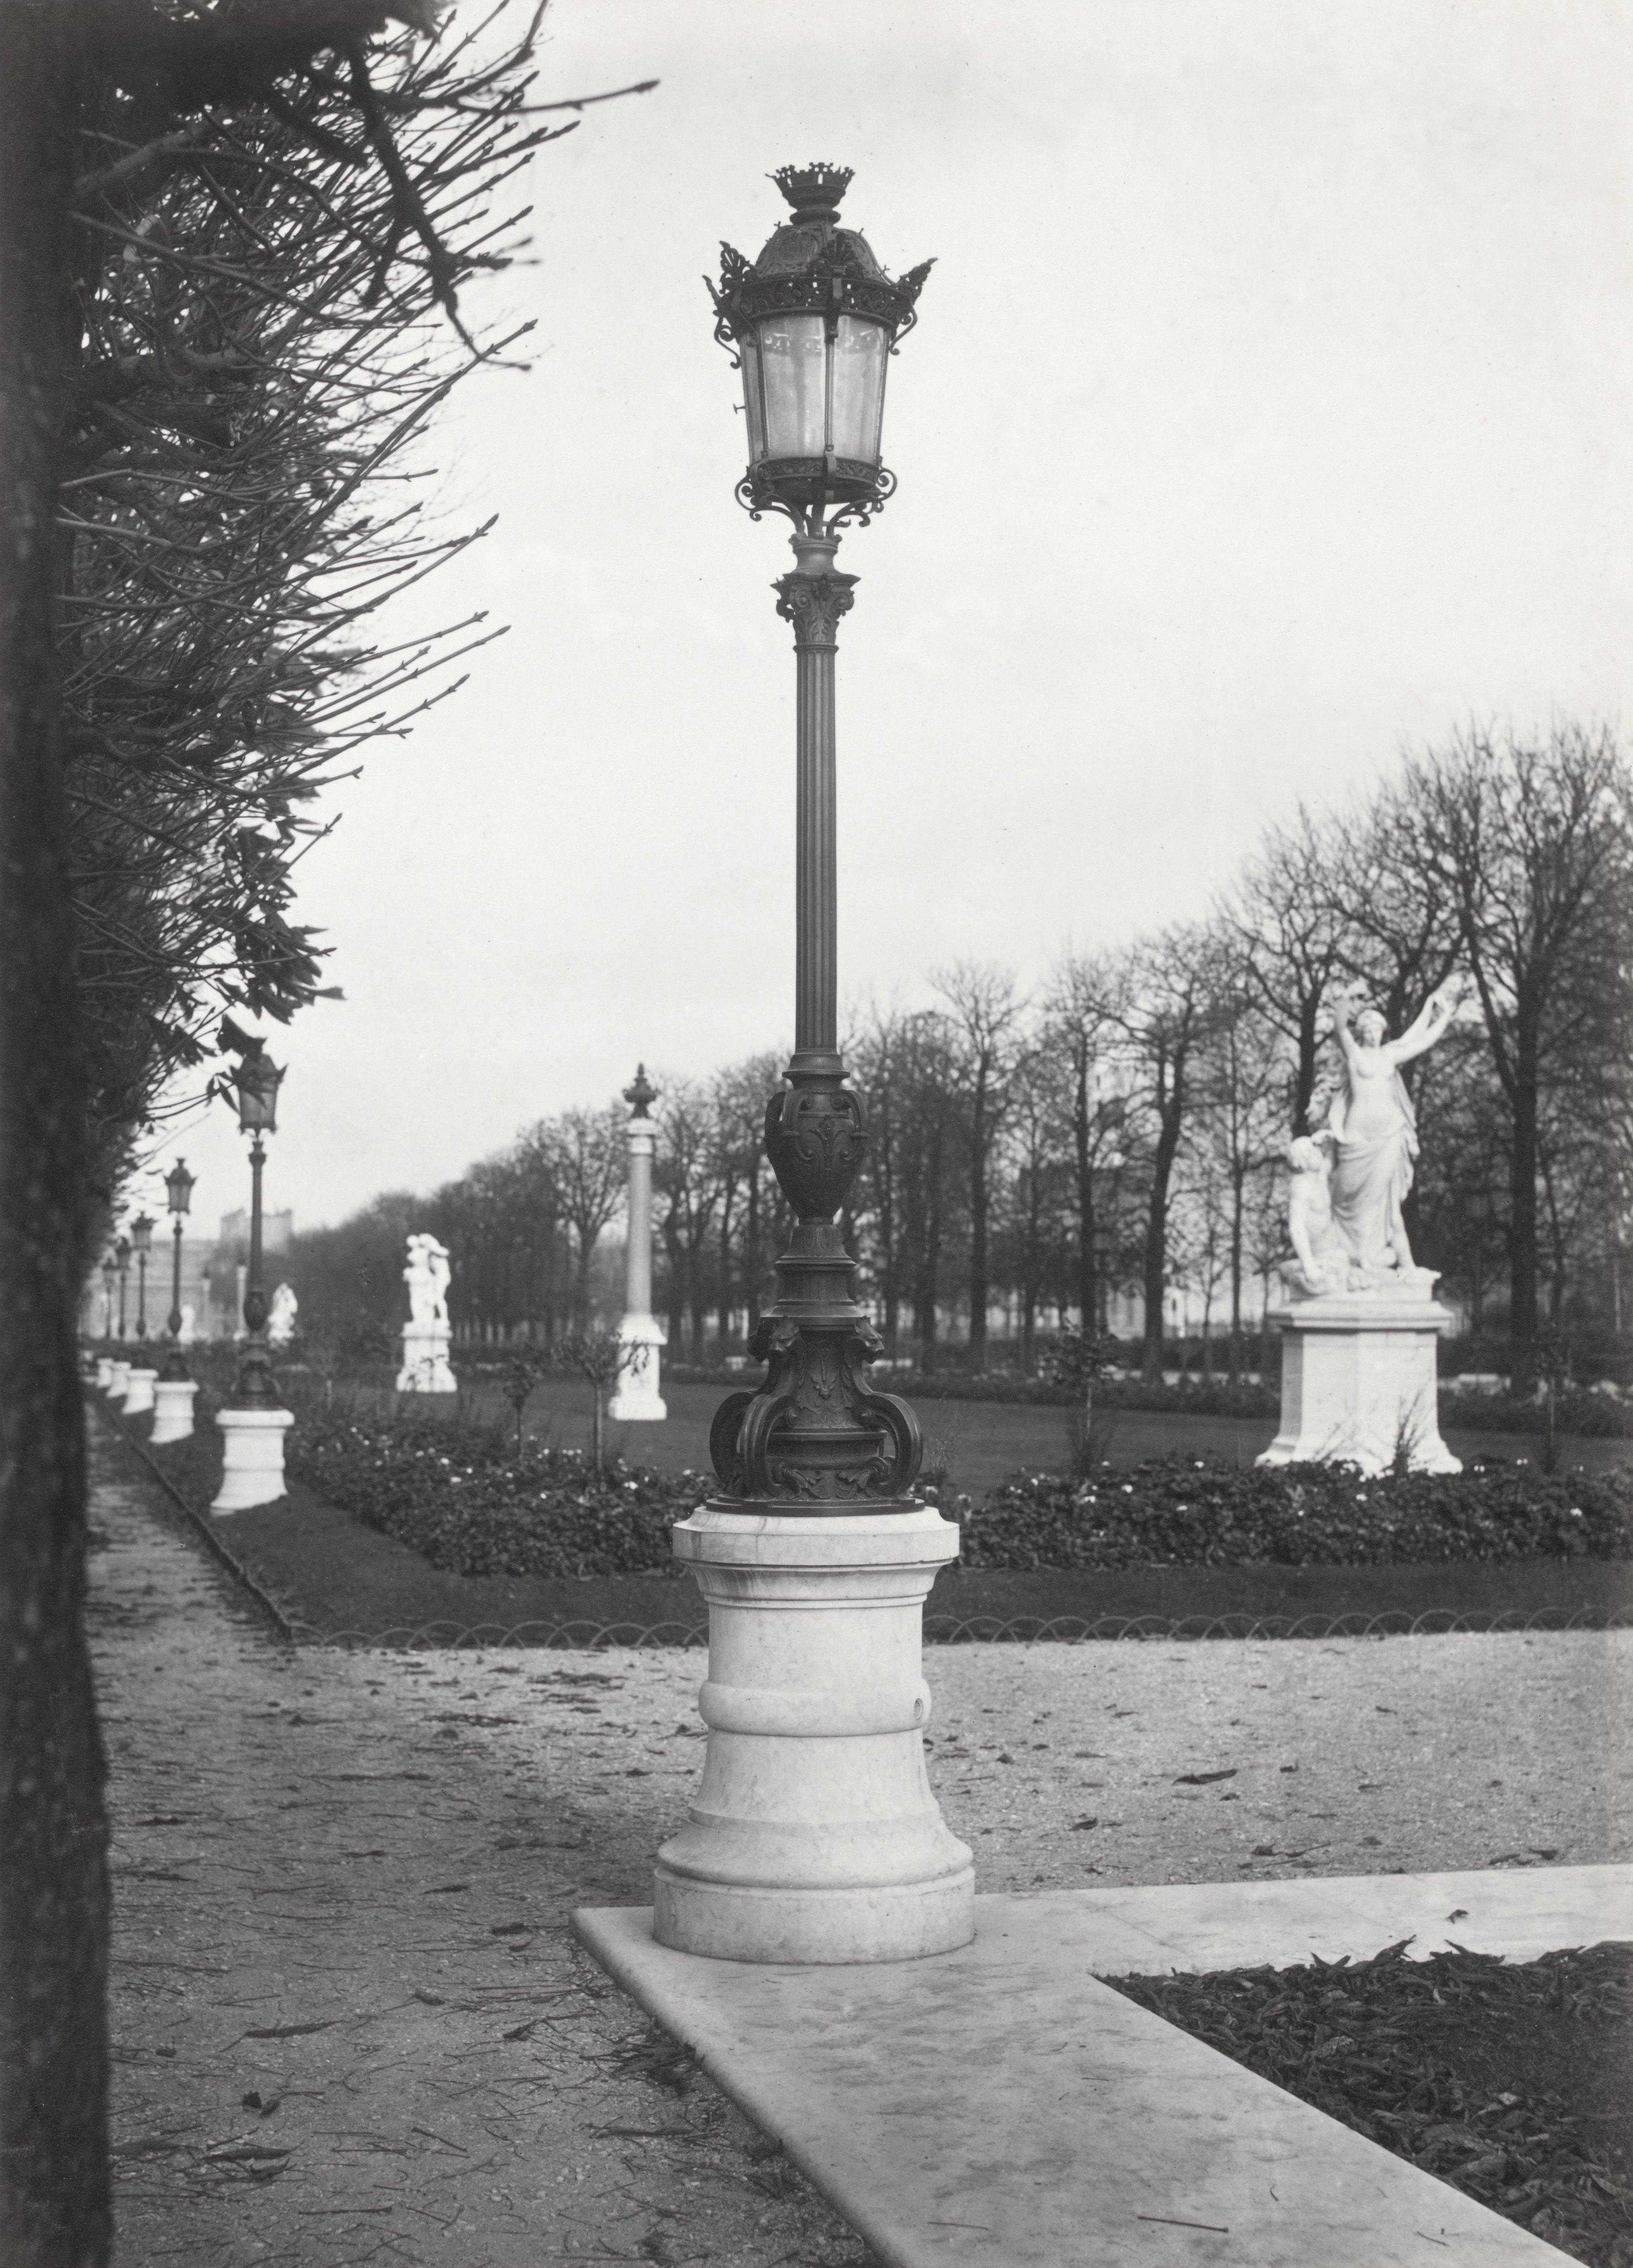 Lampadaire paris charles marville jardin du luxembourg 1878 la boite verte - Comment aller au jardin du luxembourg ...